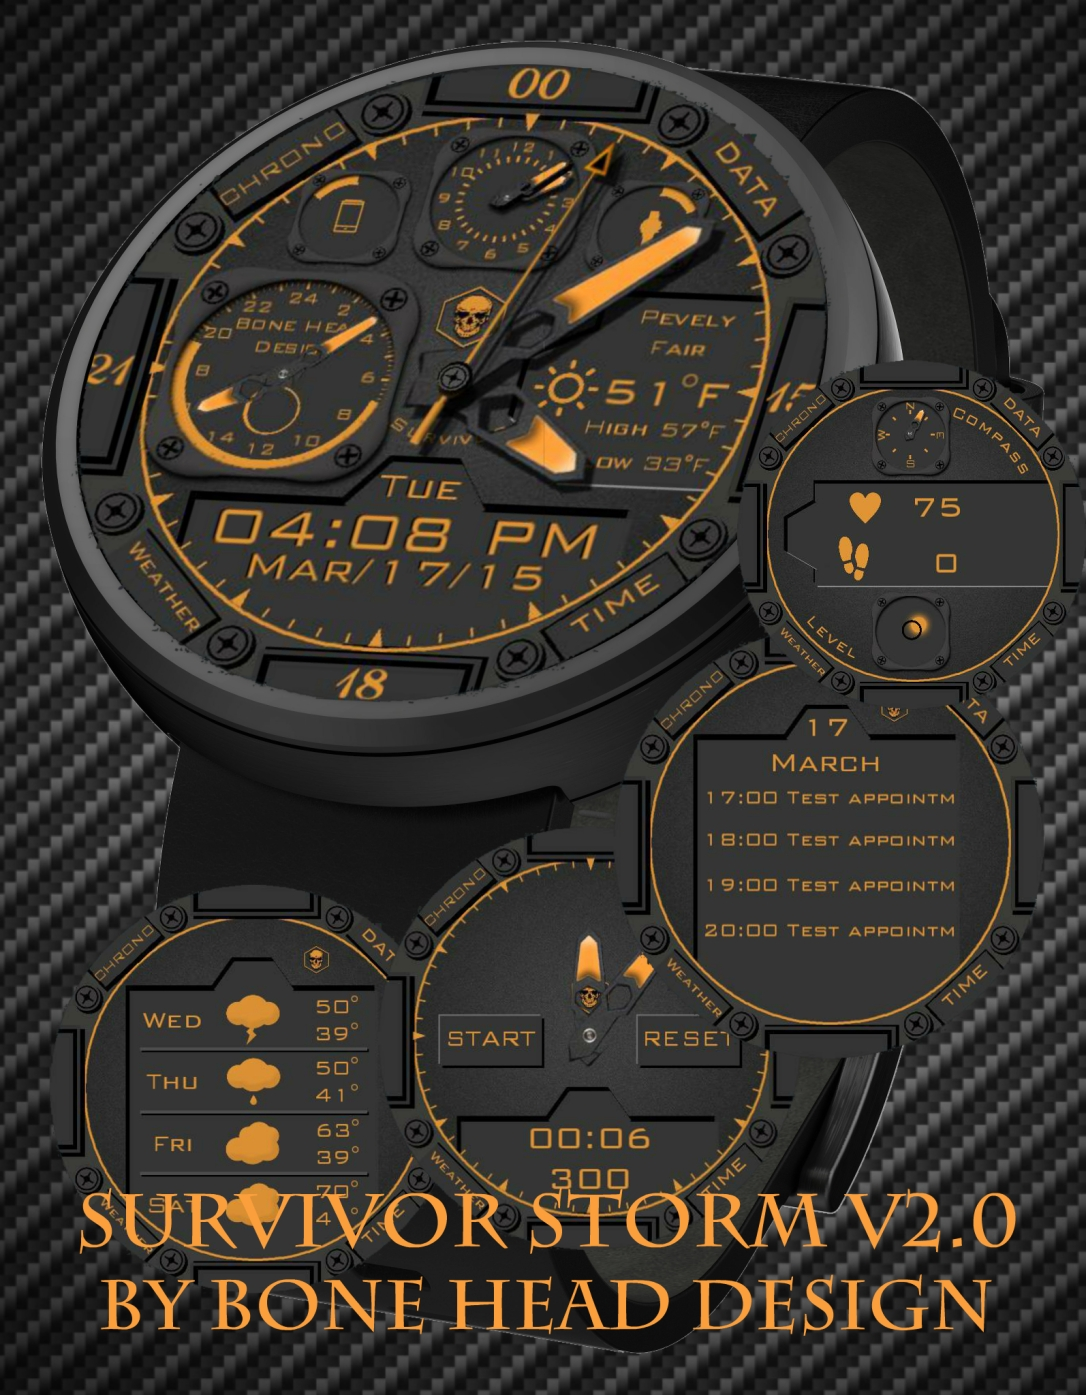 survival-storm-v2-0-14c29a4aab9